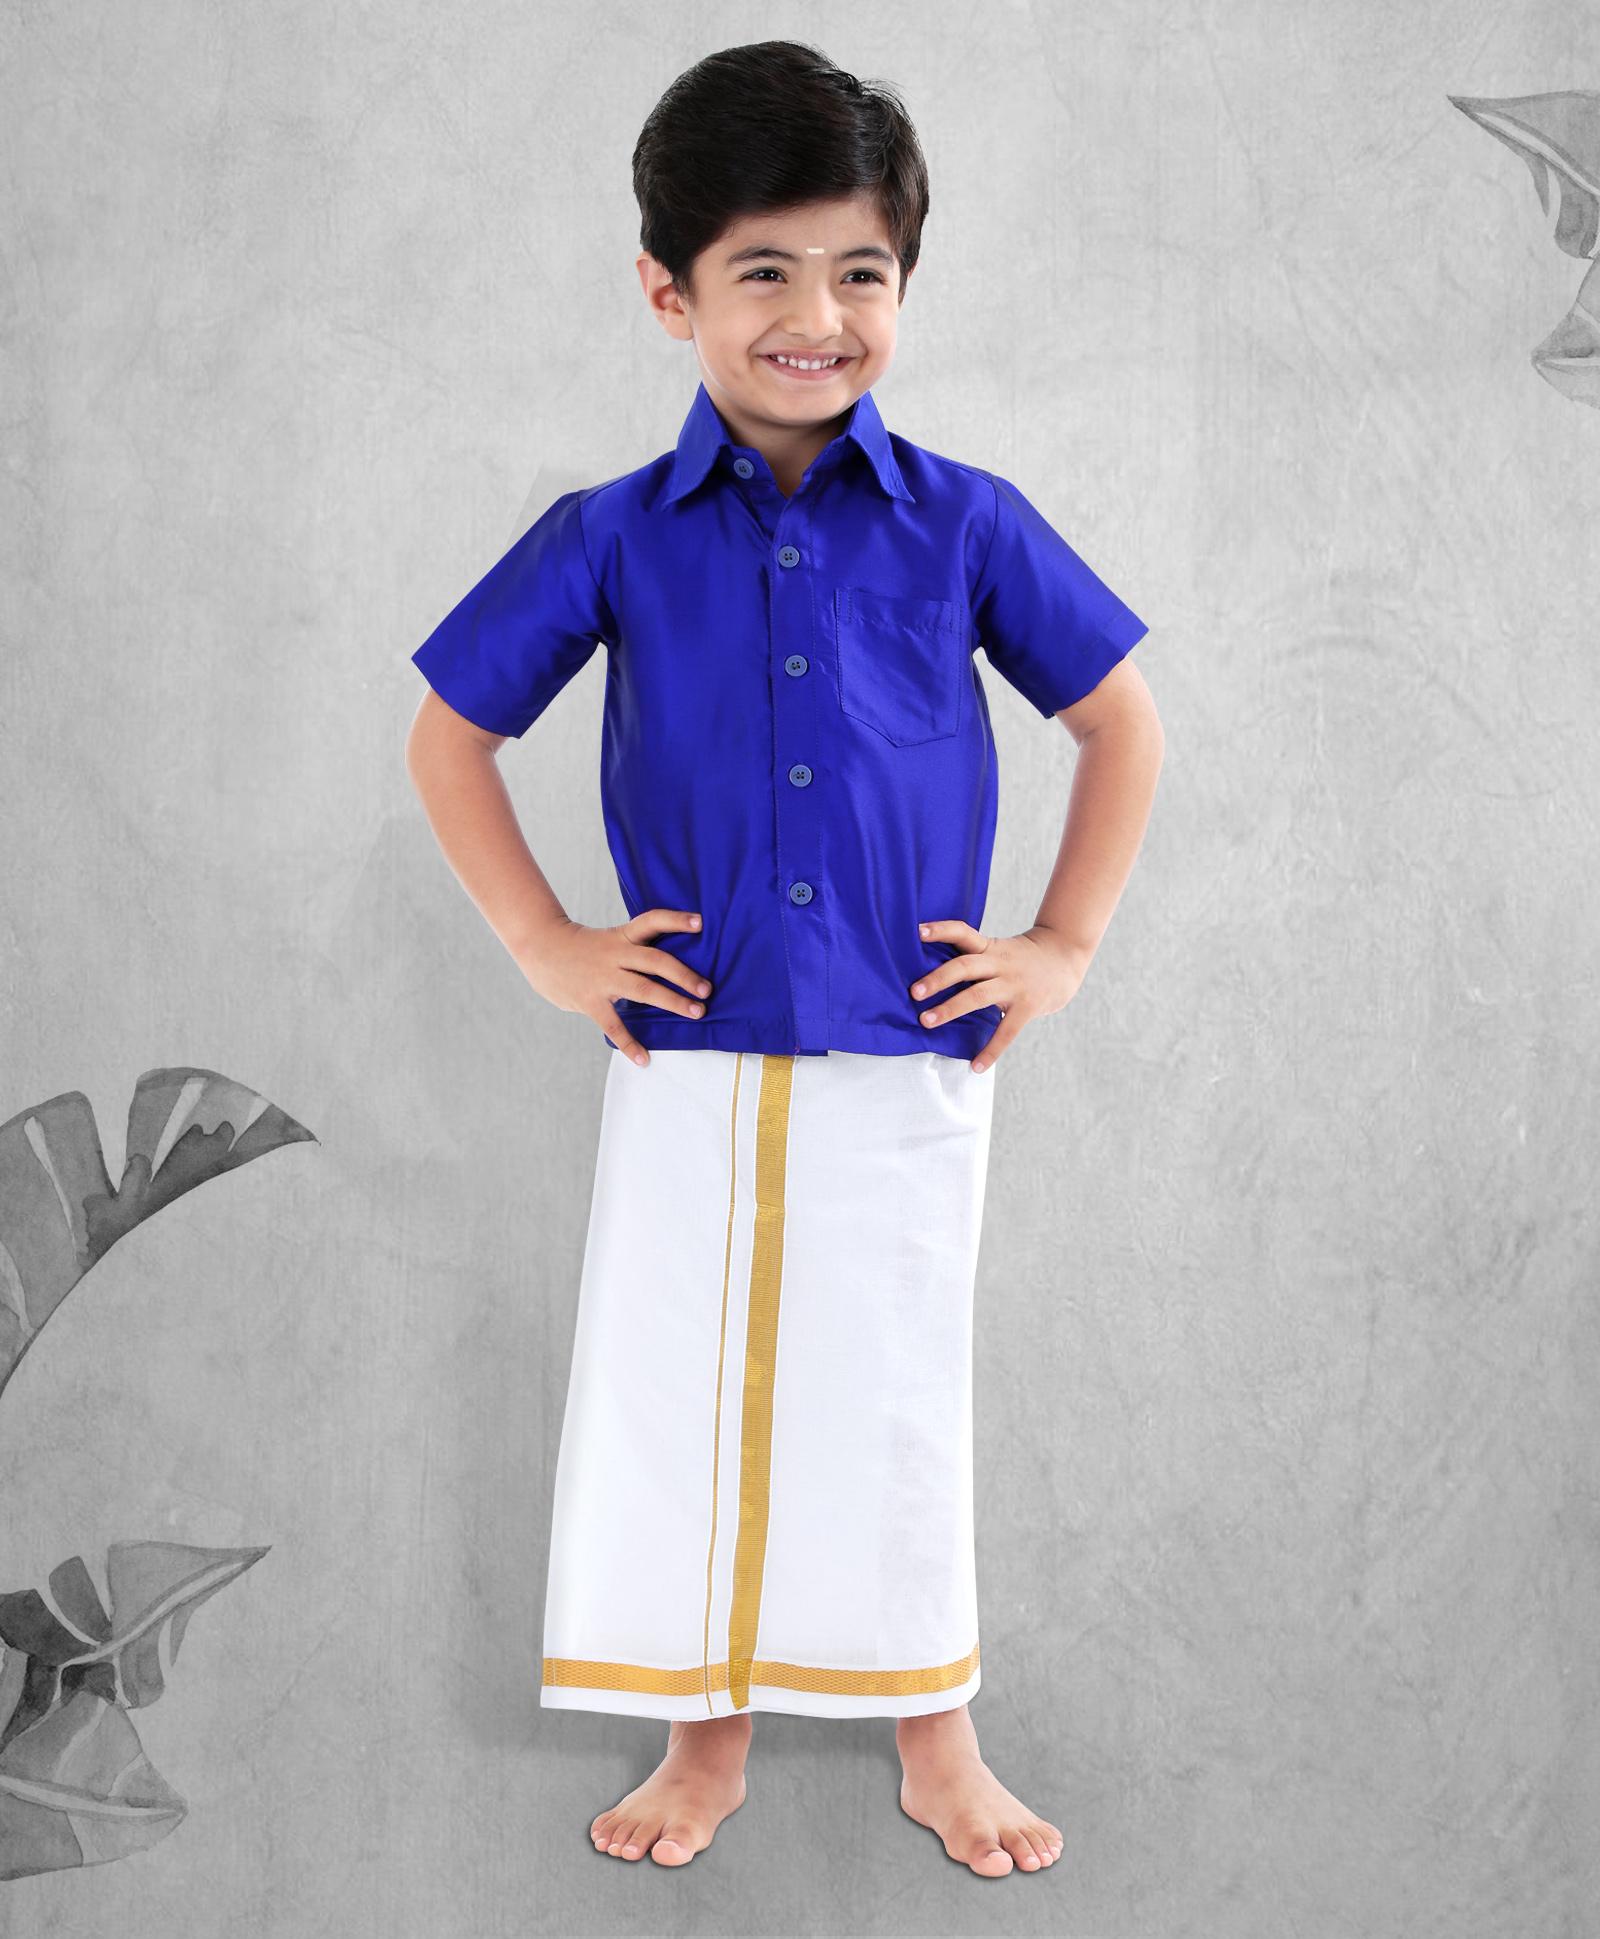 Flat 30% Off On  Janmashtami Special On Entire Fashion Range | Babyhug Half Sleeves Shirt And Lungi Set - Royal Blue White